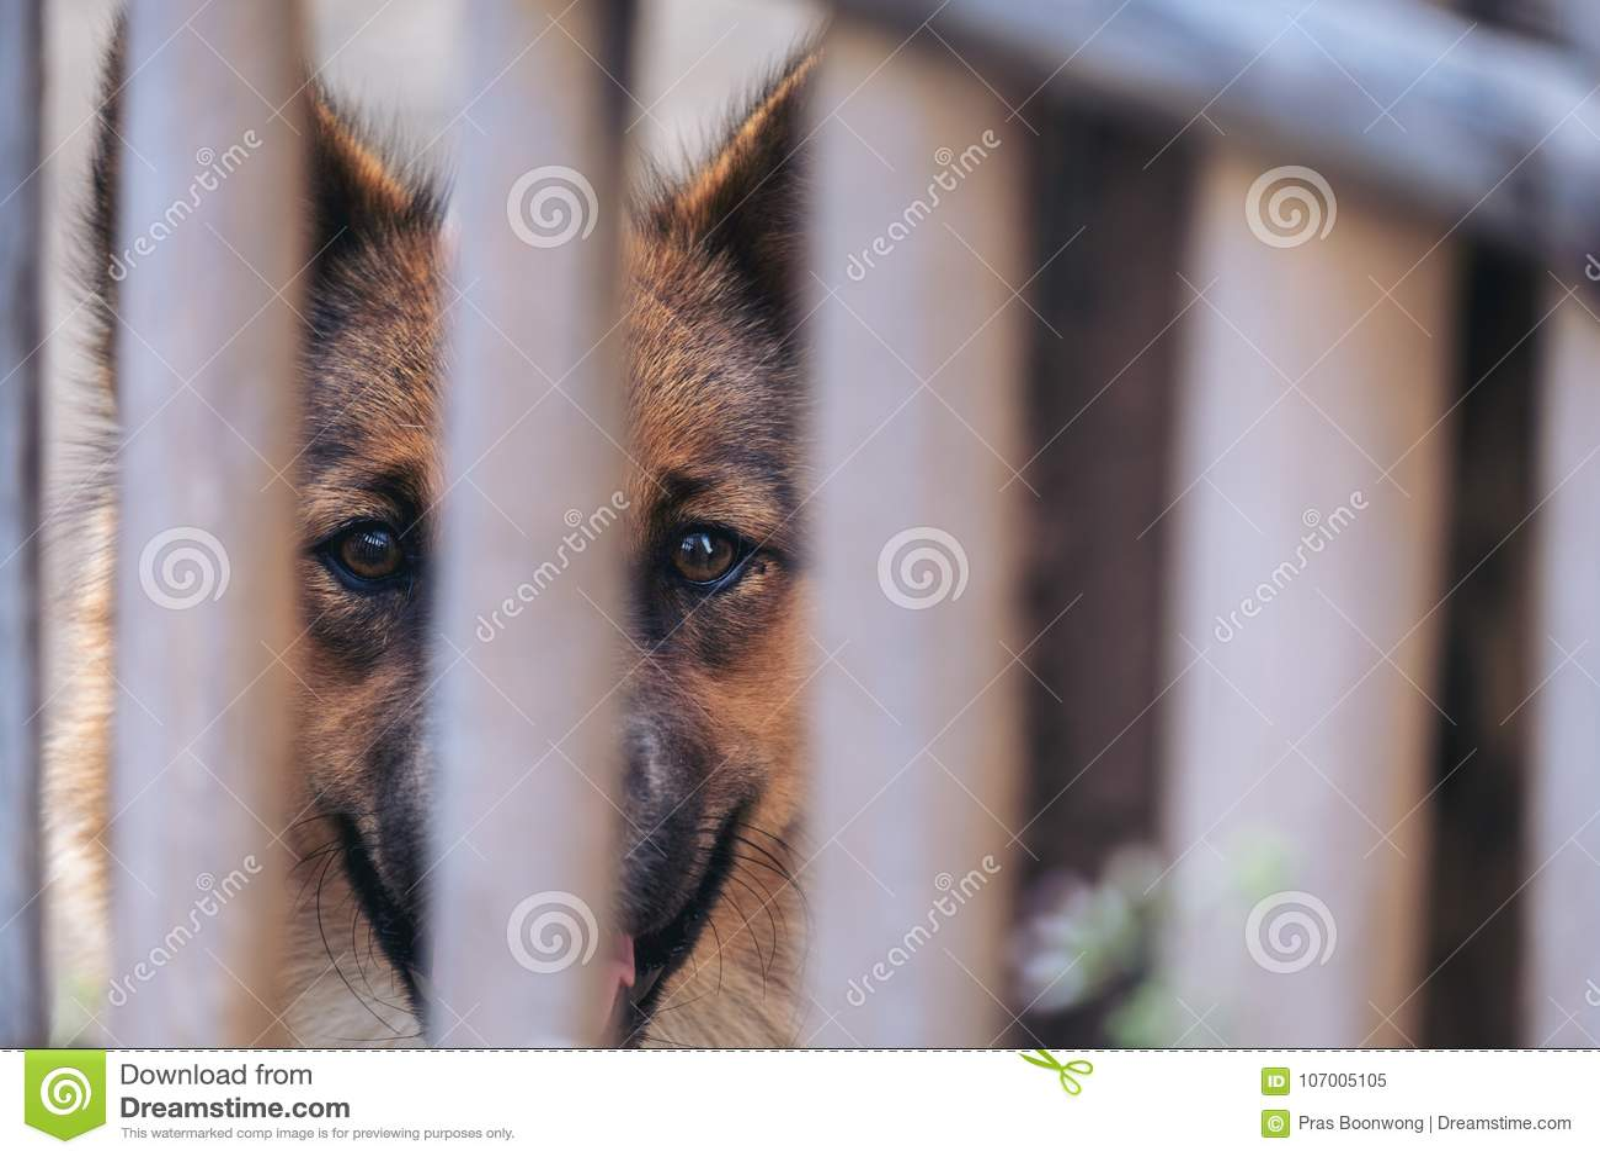 Imagem do close up de um cão tailandês preto e marrom em uma gaiola de madeira